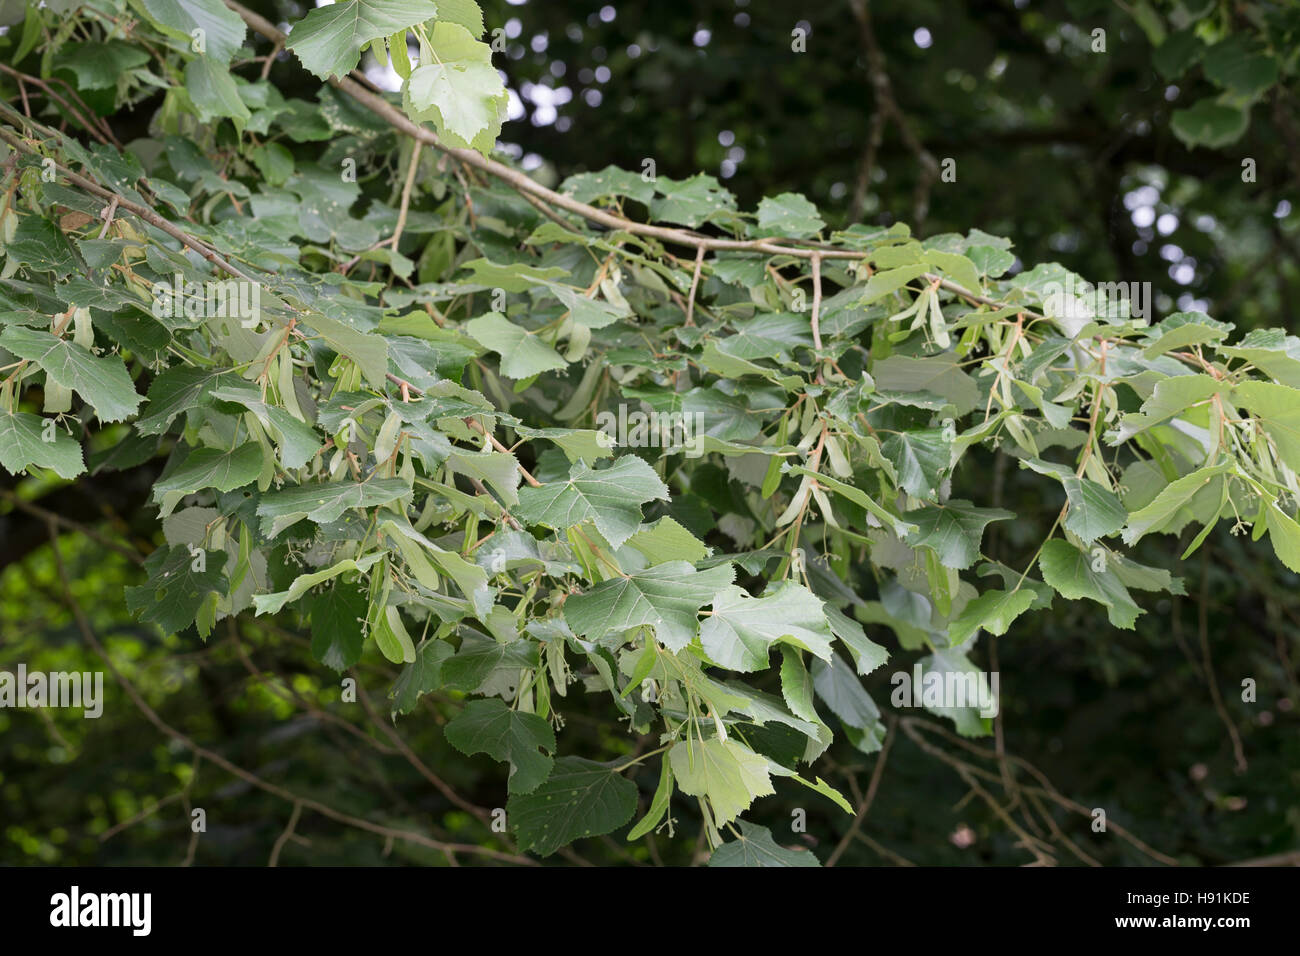 Silber-Linde, Silberlinde, Linde, Tilia tomentosa, Tilia argentea, silver linden, silver lime, Le tilleul argenté, Stock Photo